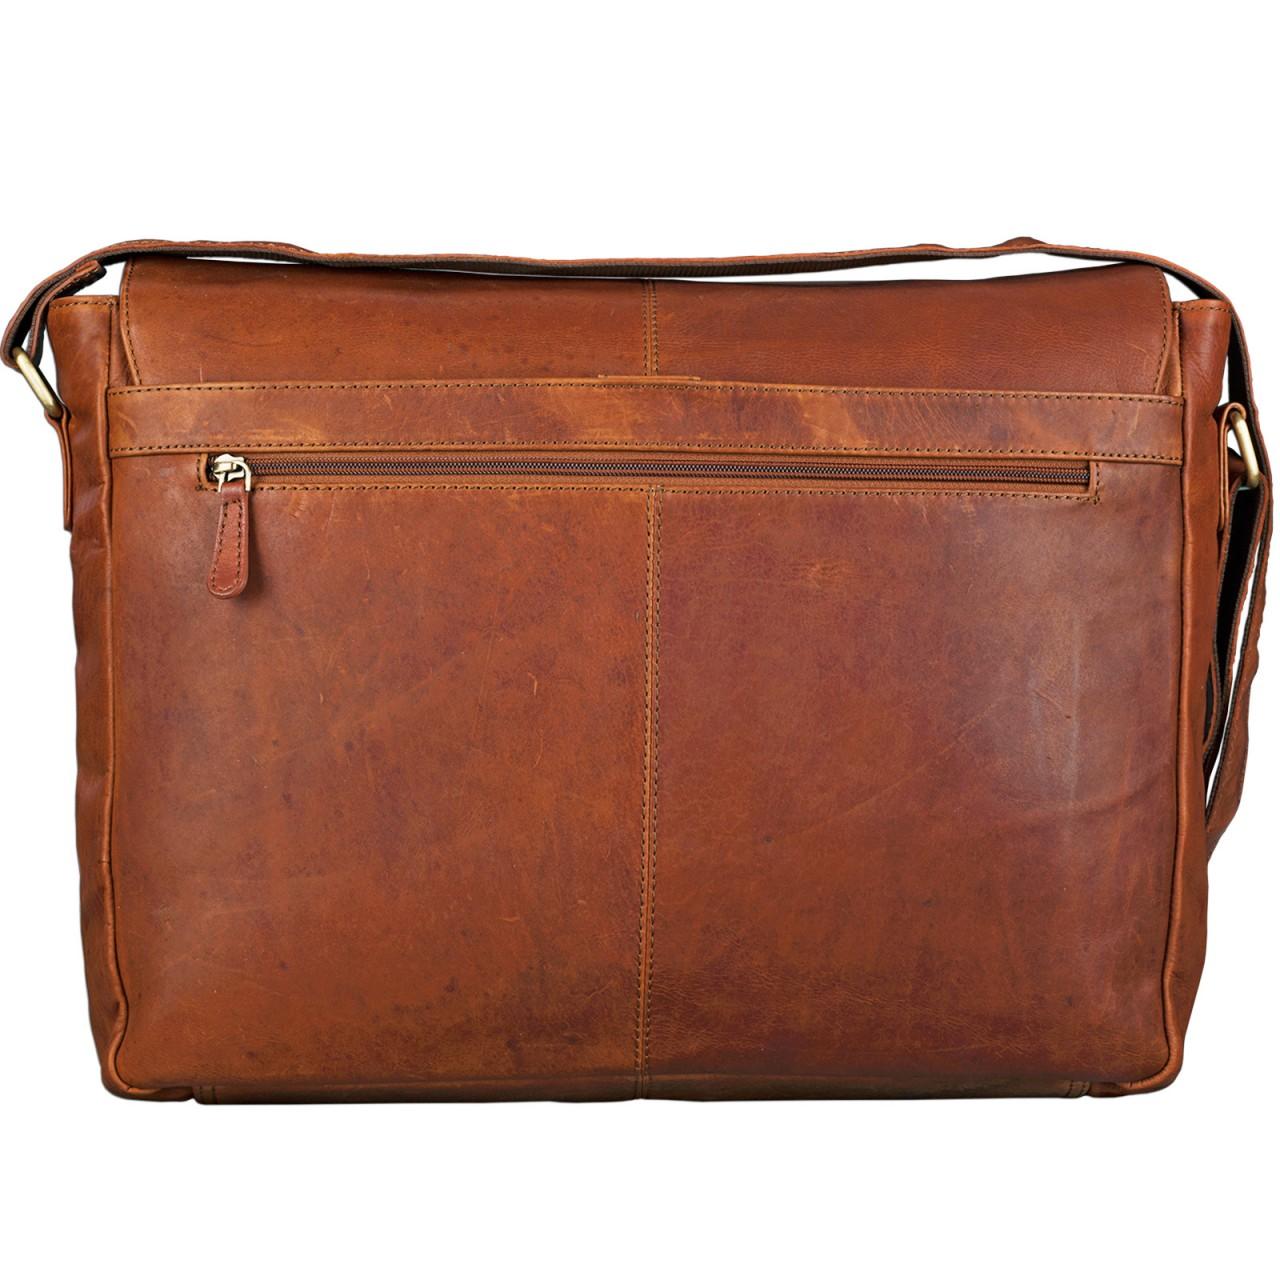 STILORD Umhängetasche Lehrer Damen Herren Schultasche College Uni XL Aktentasche Büro 15,6 Zoll Laptoptasche Vintage Leder cognac braun - Bild 3